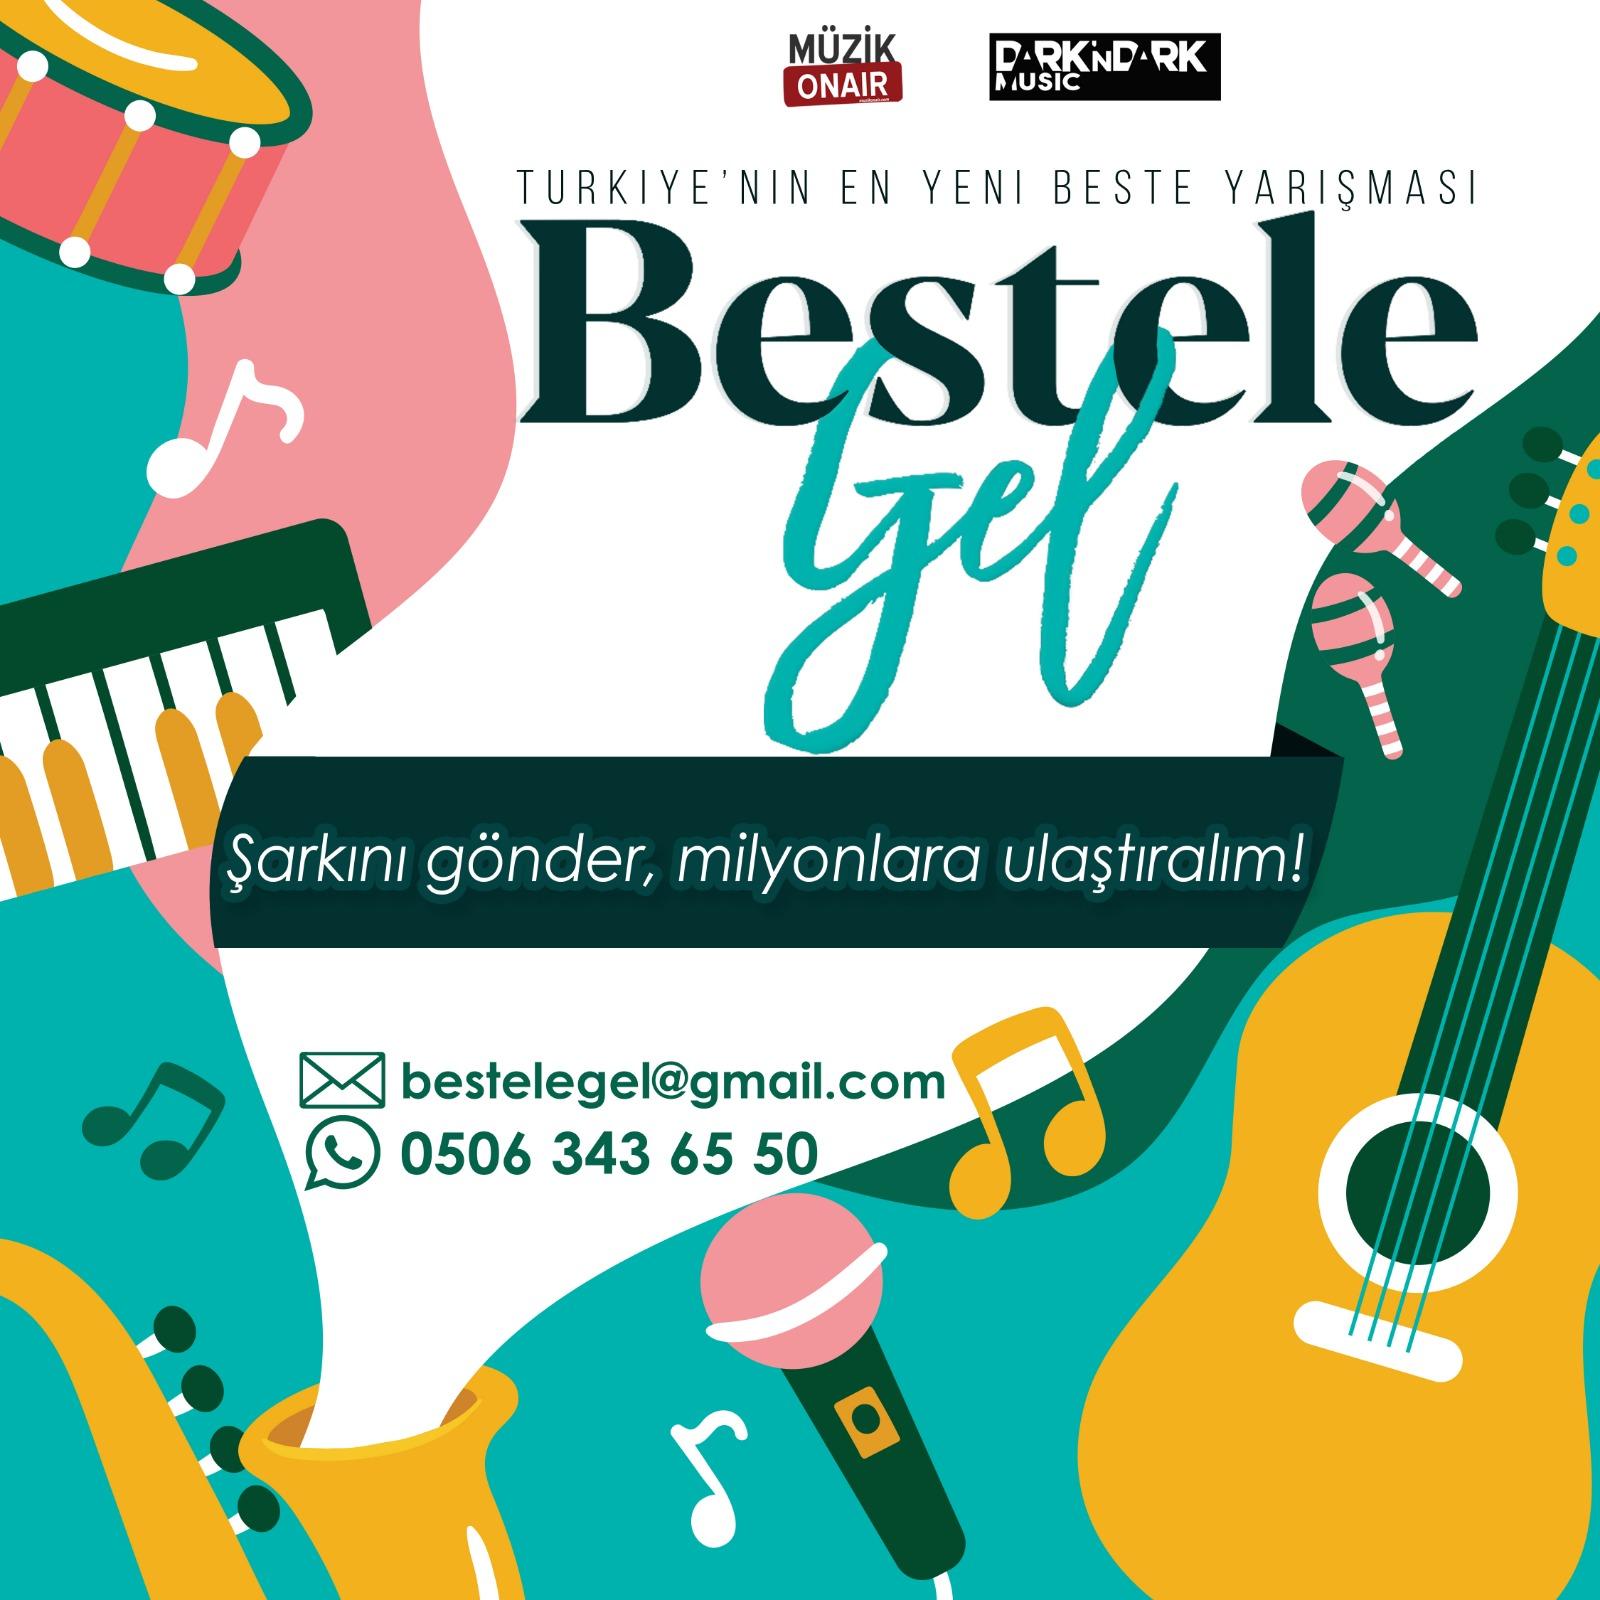 Türkiye'nin En Yeni Beste Yarışması İçin Başvurular Başladı